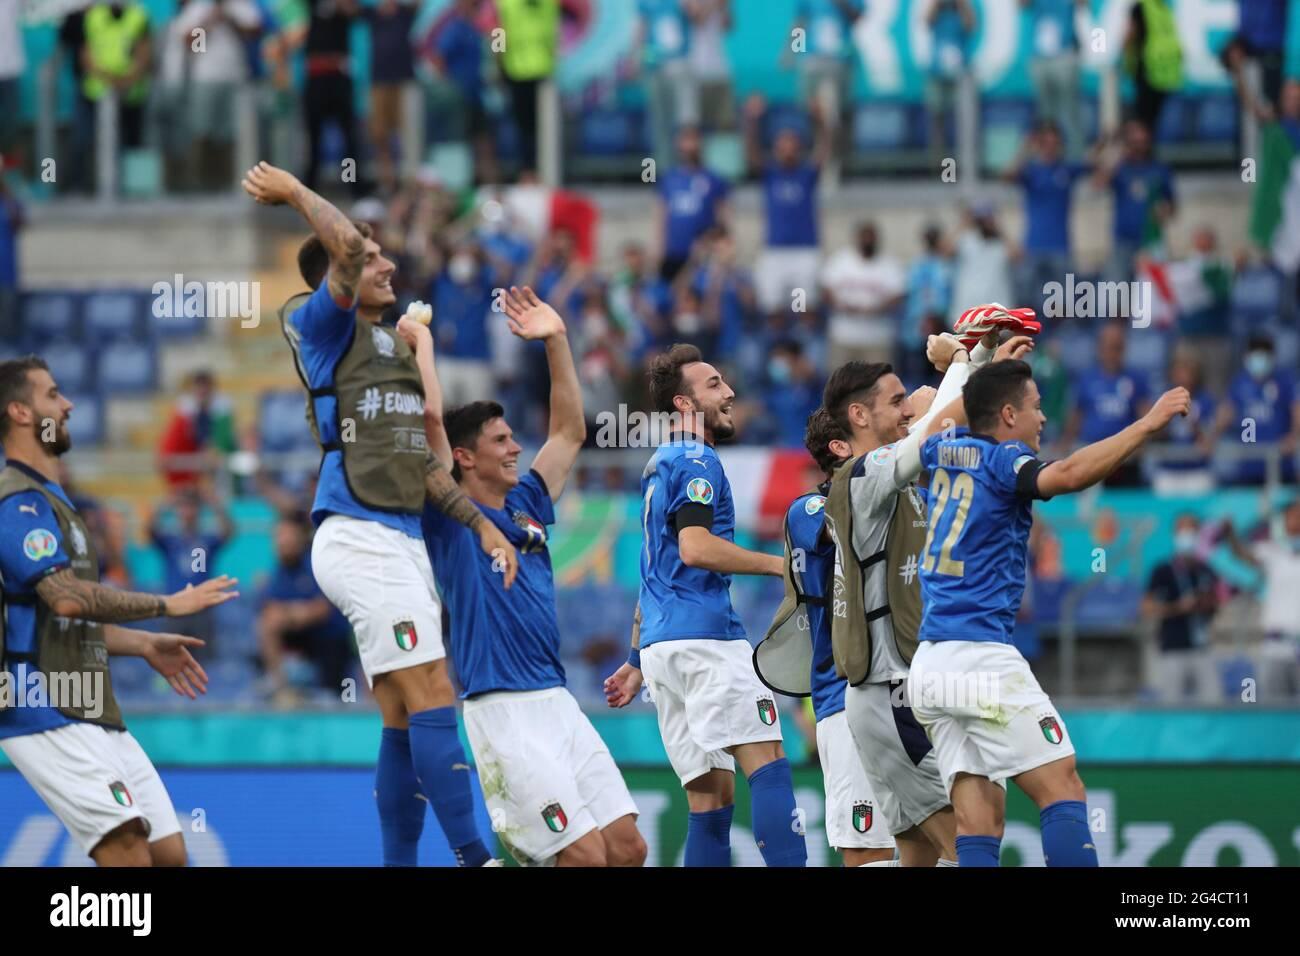 Roma. 20 Giugno 2021. I giocatori italiani festeggiano la vittoria dopo la partita di calcio del Gruppo UEFA EURO 2020 TRA Italia e Galles allo Stadio Olimpico di Roma il 20 giugno 2021. Credit: Cheng Tingting/Xinhua/Alamy Live News Foto Stock